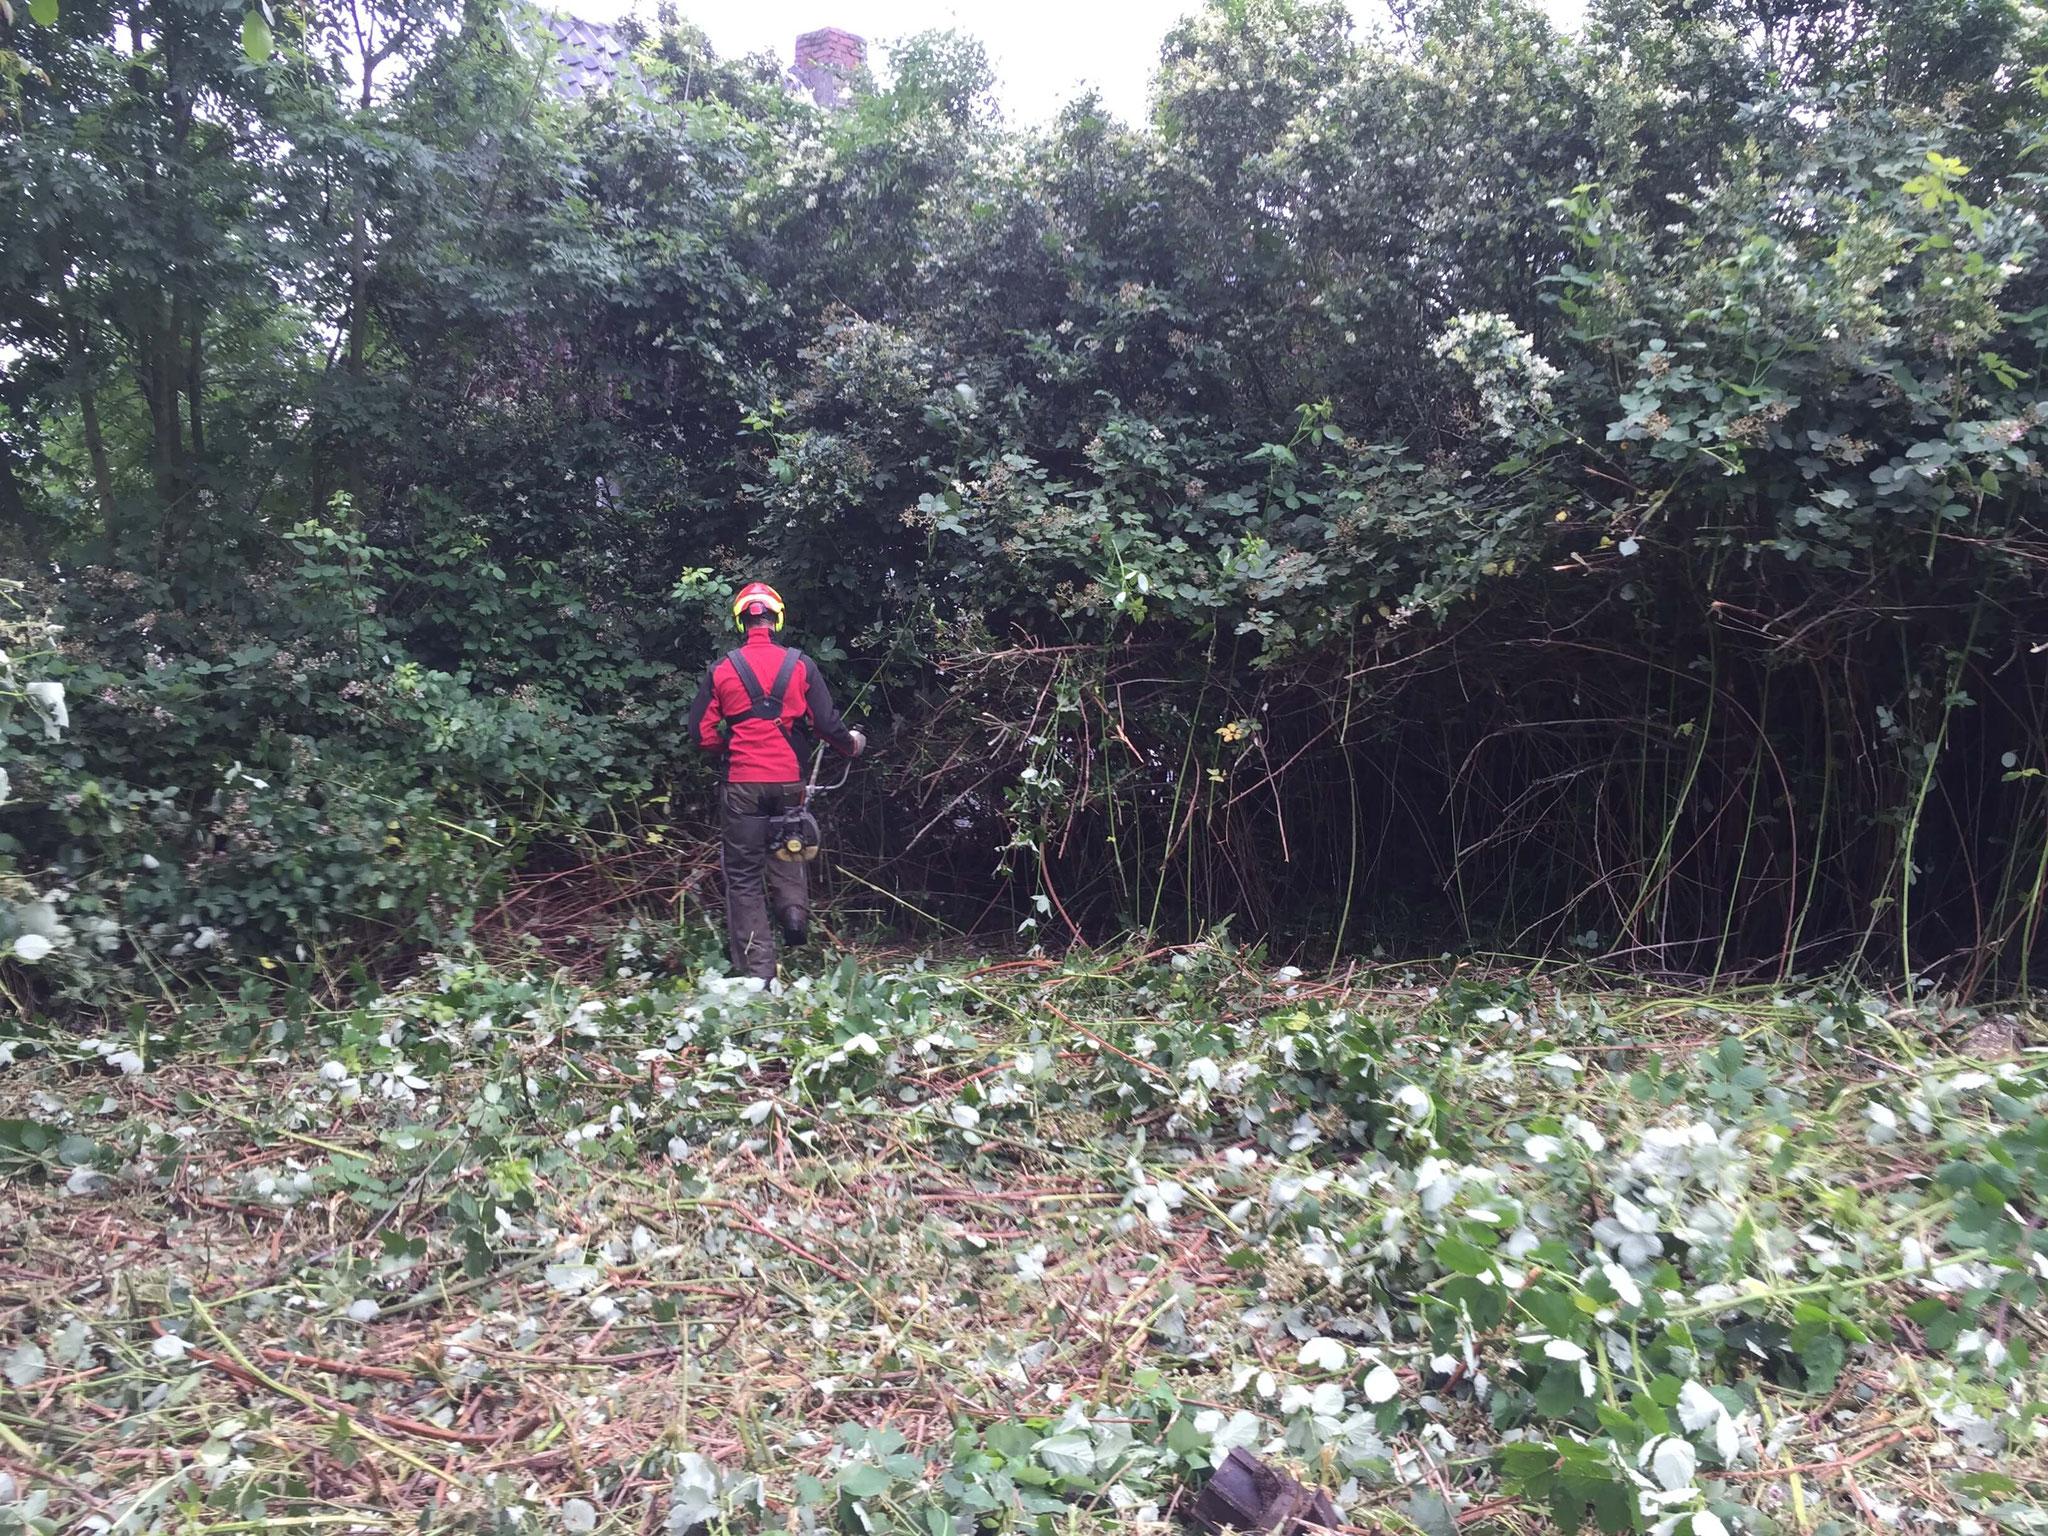 Entfernung von Unterwuchs und Unterholz